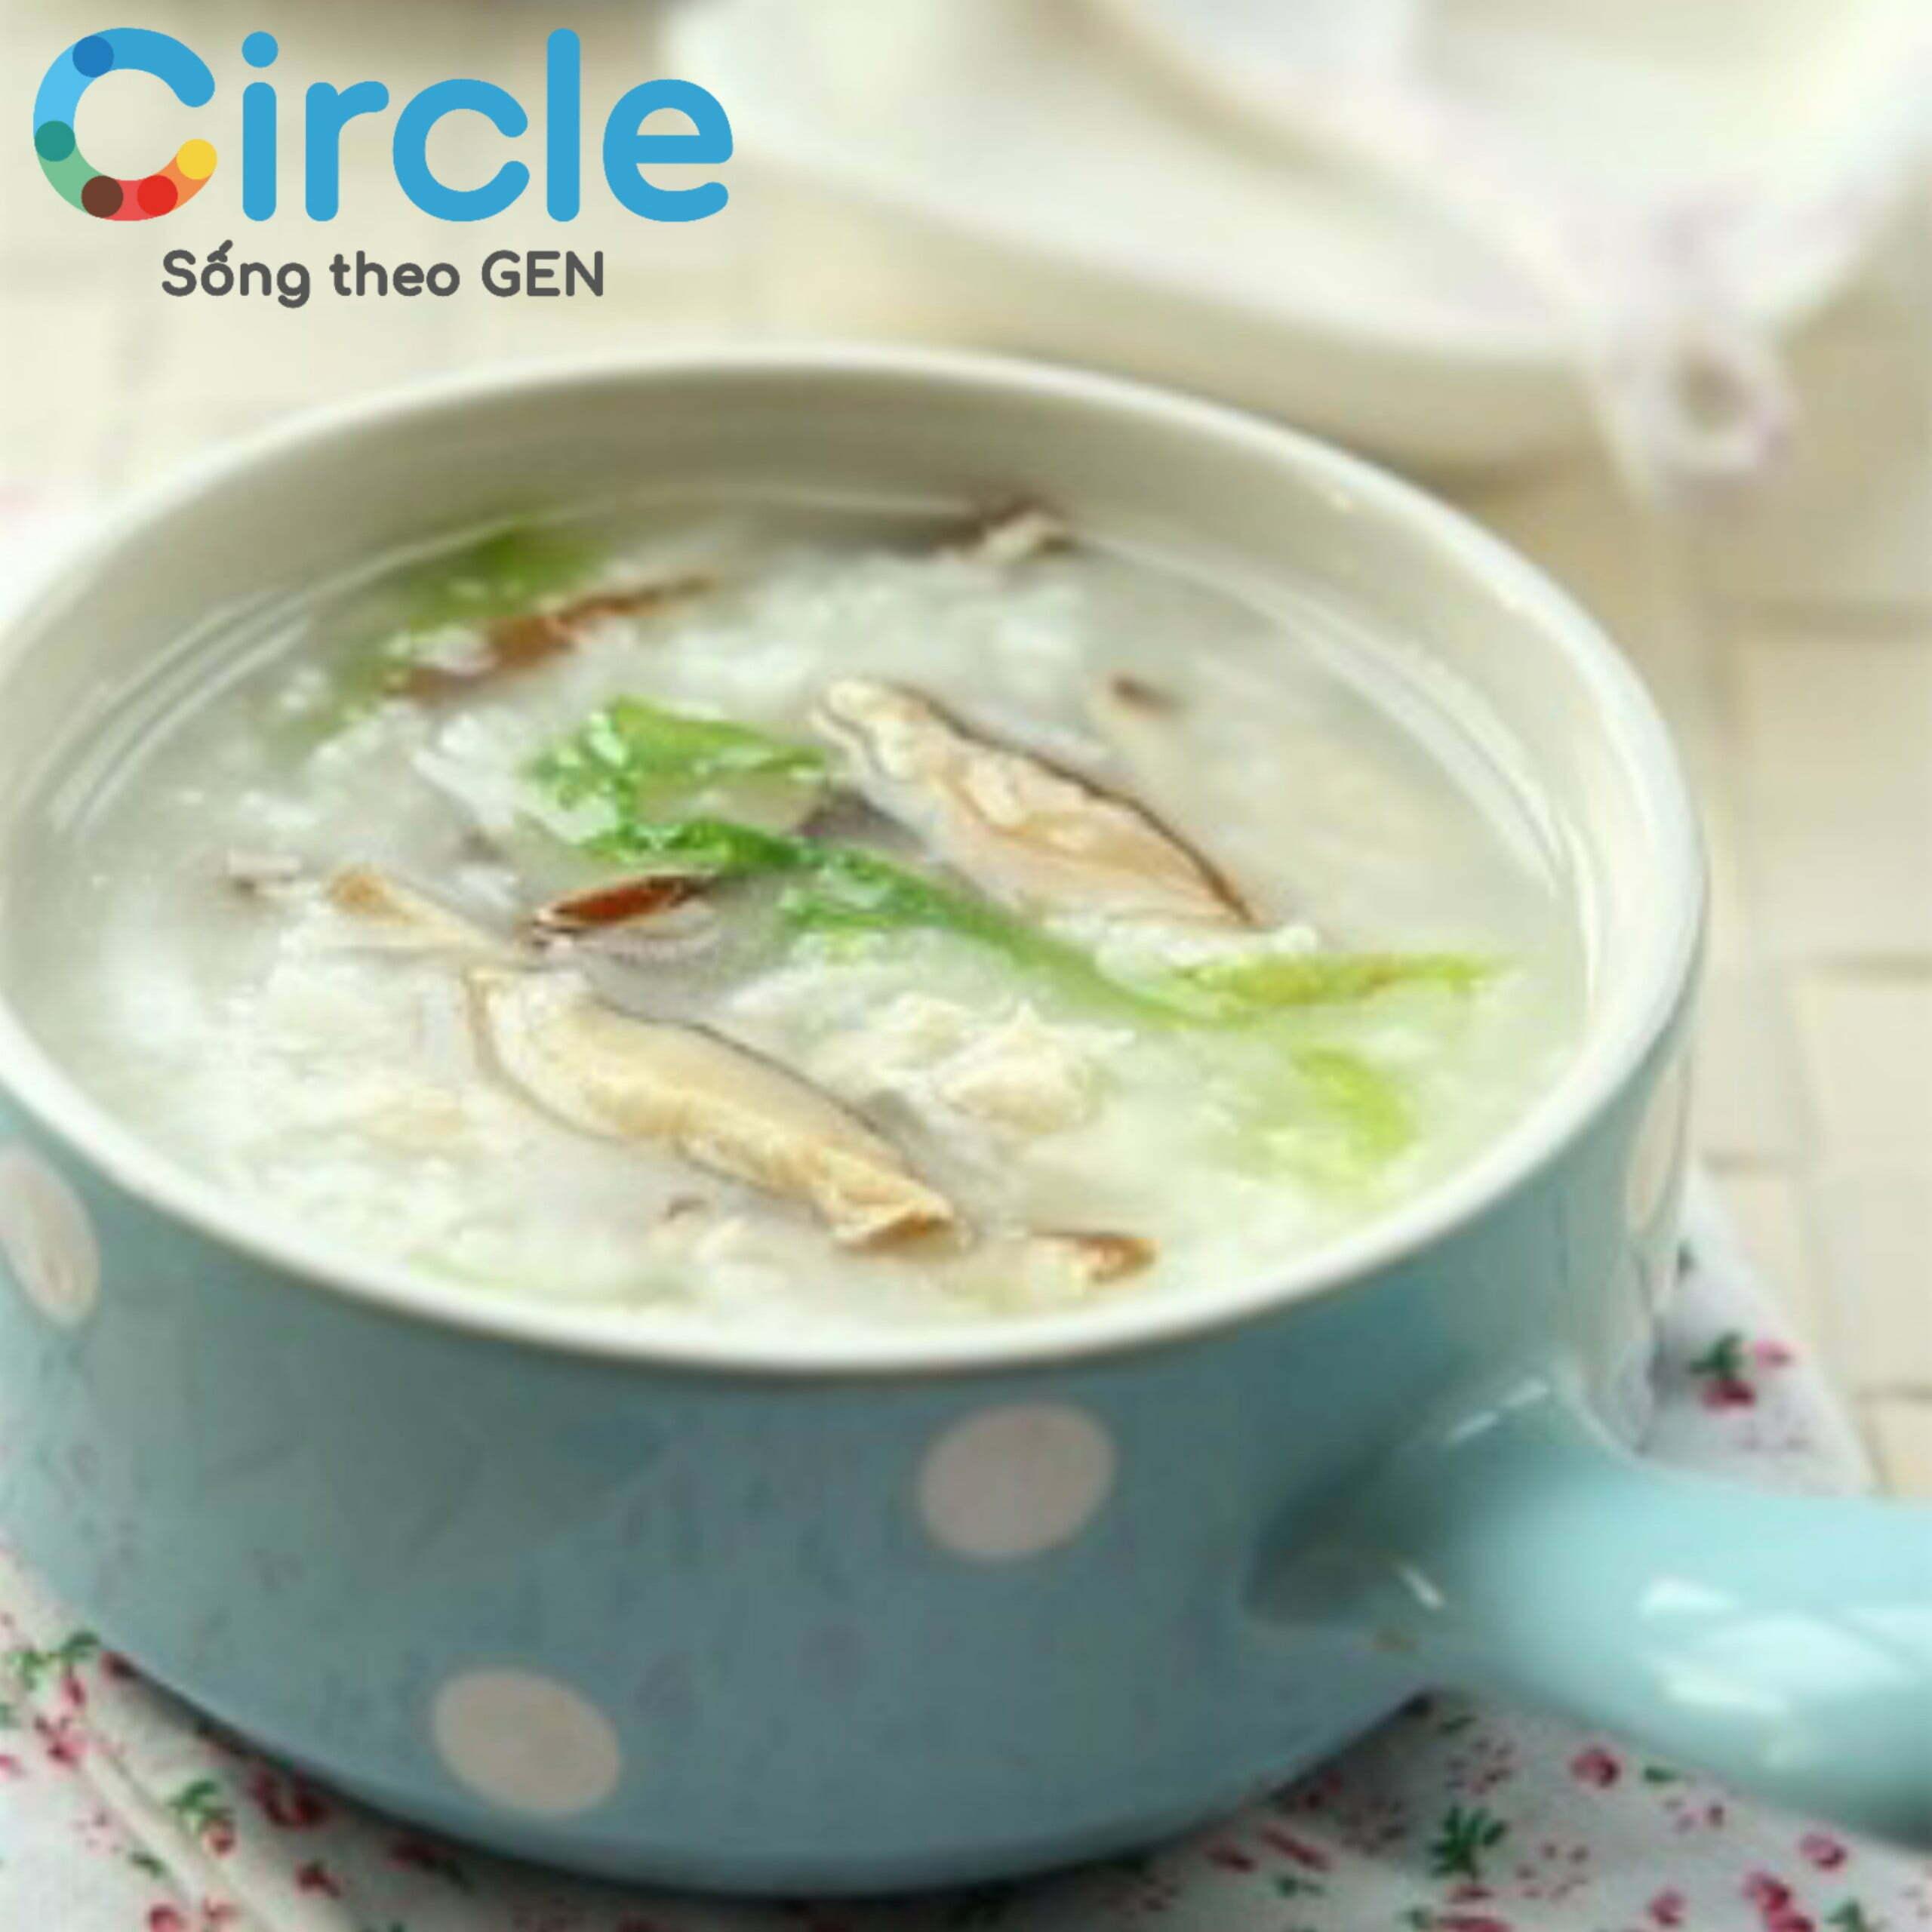 Cháo gà - món ăn quen thuộc và dễ chế biến trong chế độ ăn dinh dưỡng cho trẻ 10 tháng tuổi